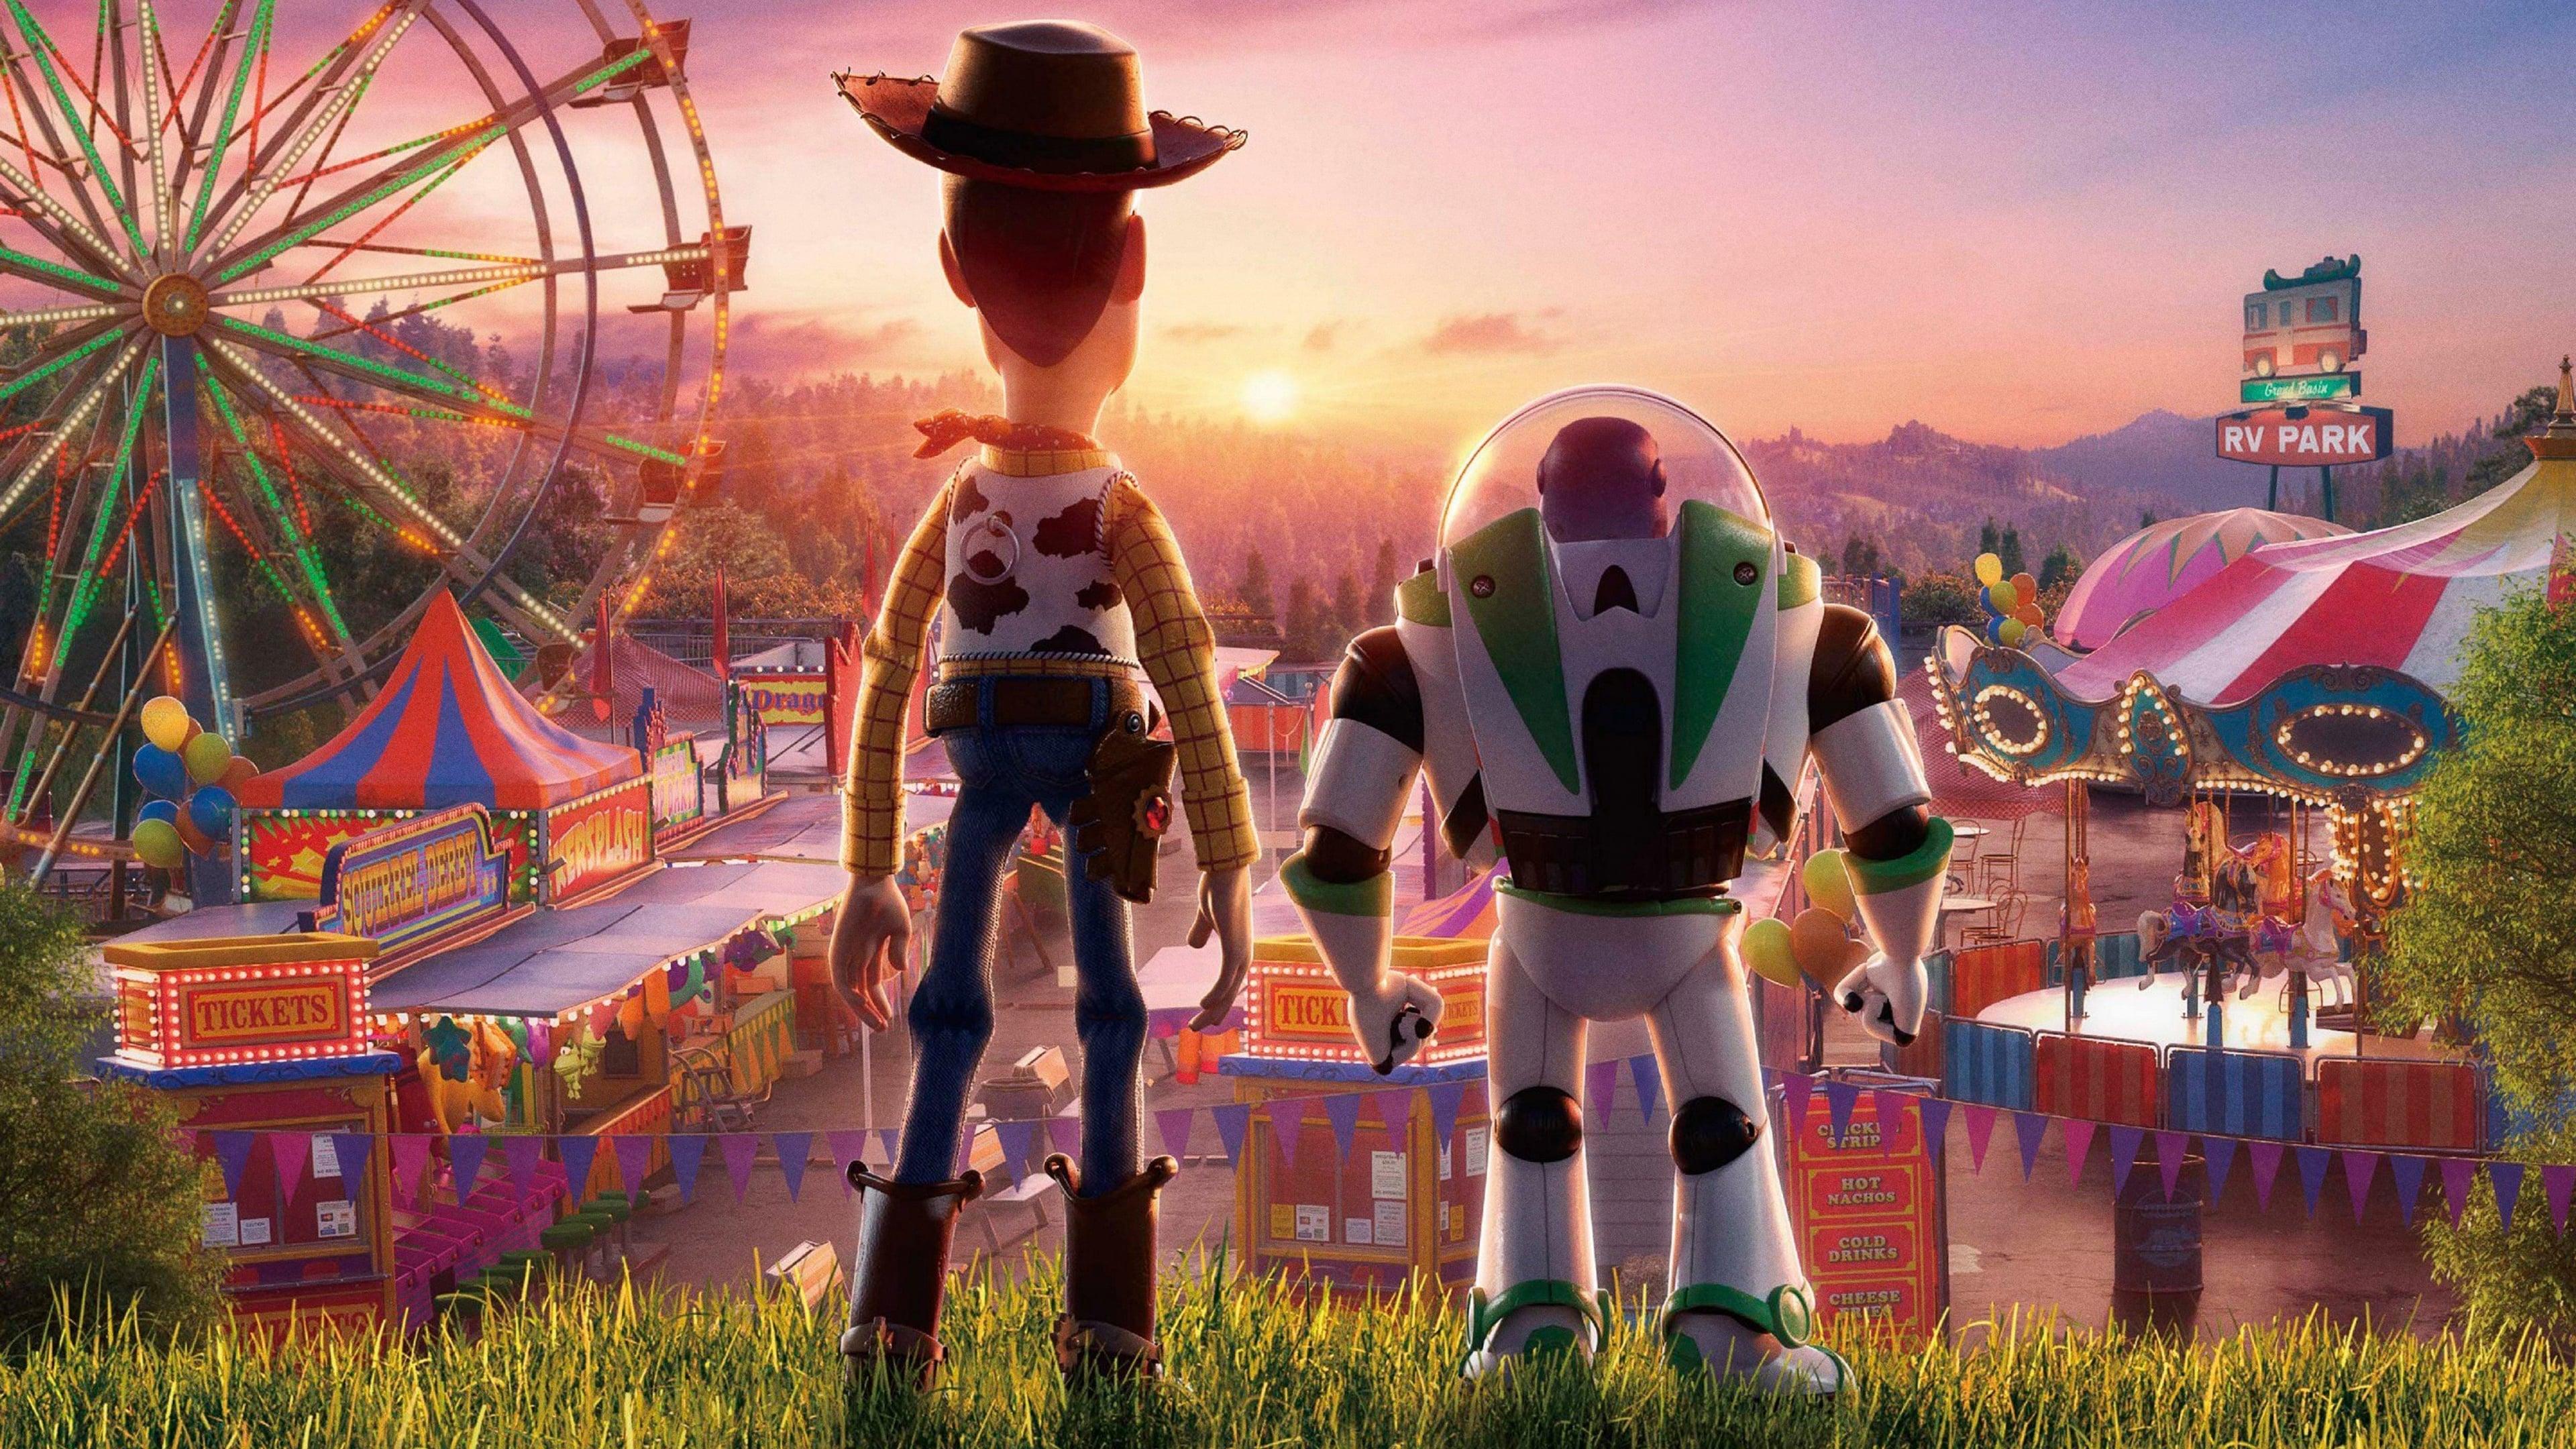 Imagens do Toy Story 4 Dublado Dub,Leg  Online